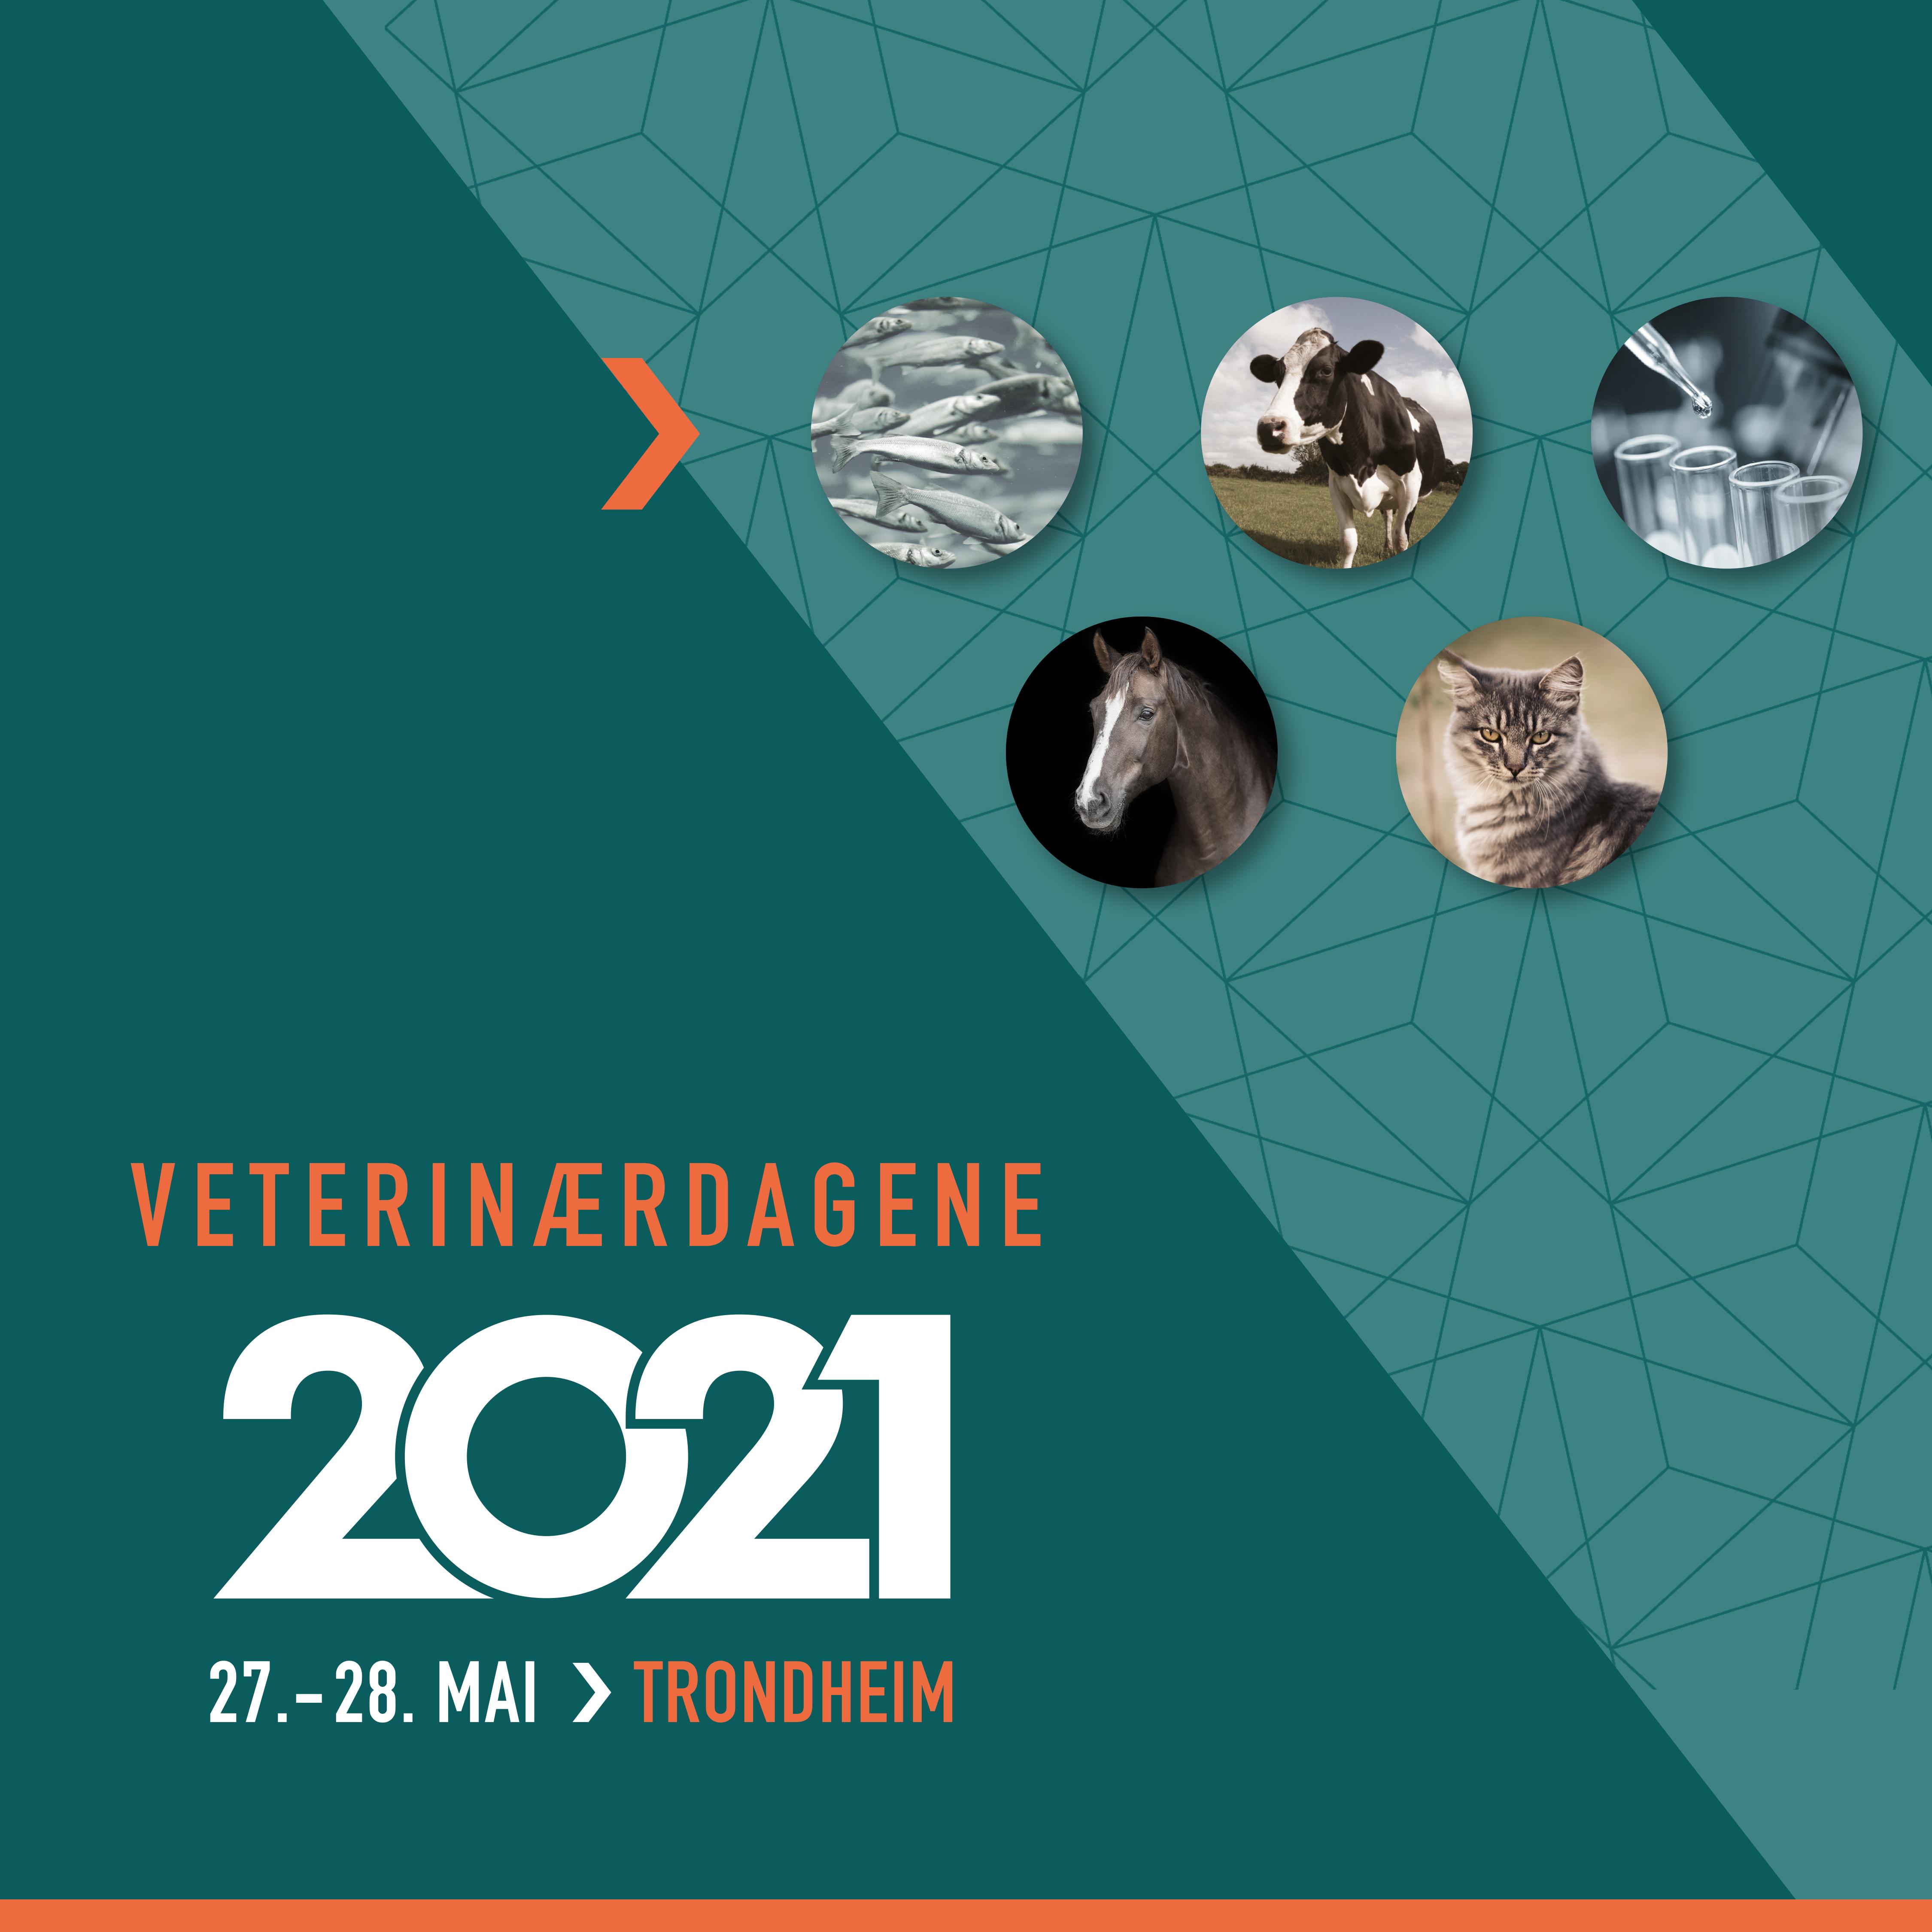 Veterinærdagene 2021